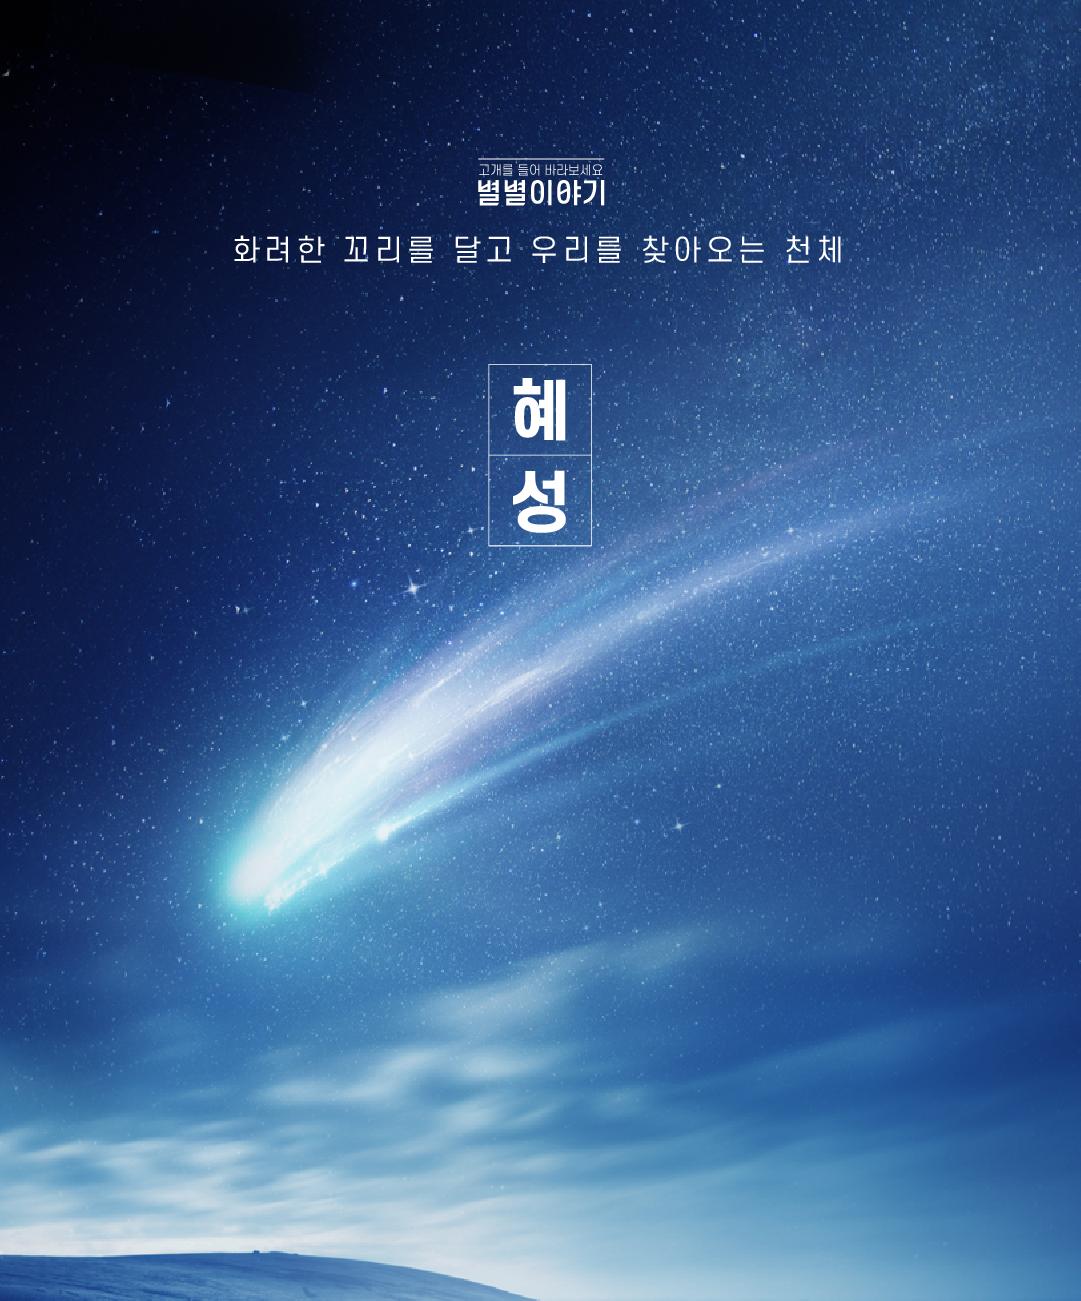 화려한 꼬리와 달고 우리를 찾아오는 천체 '혜성' 이미지